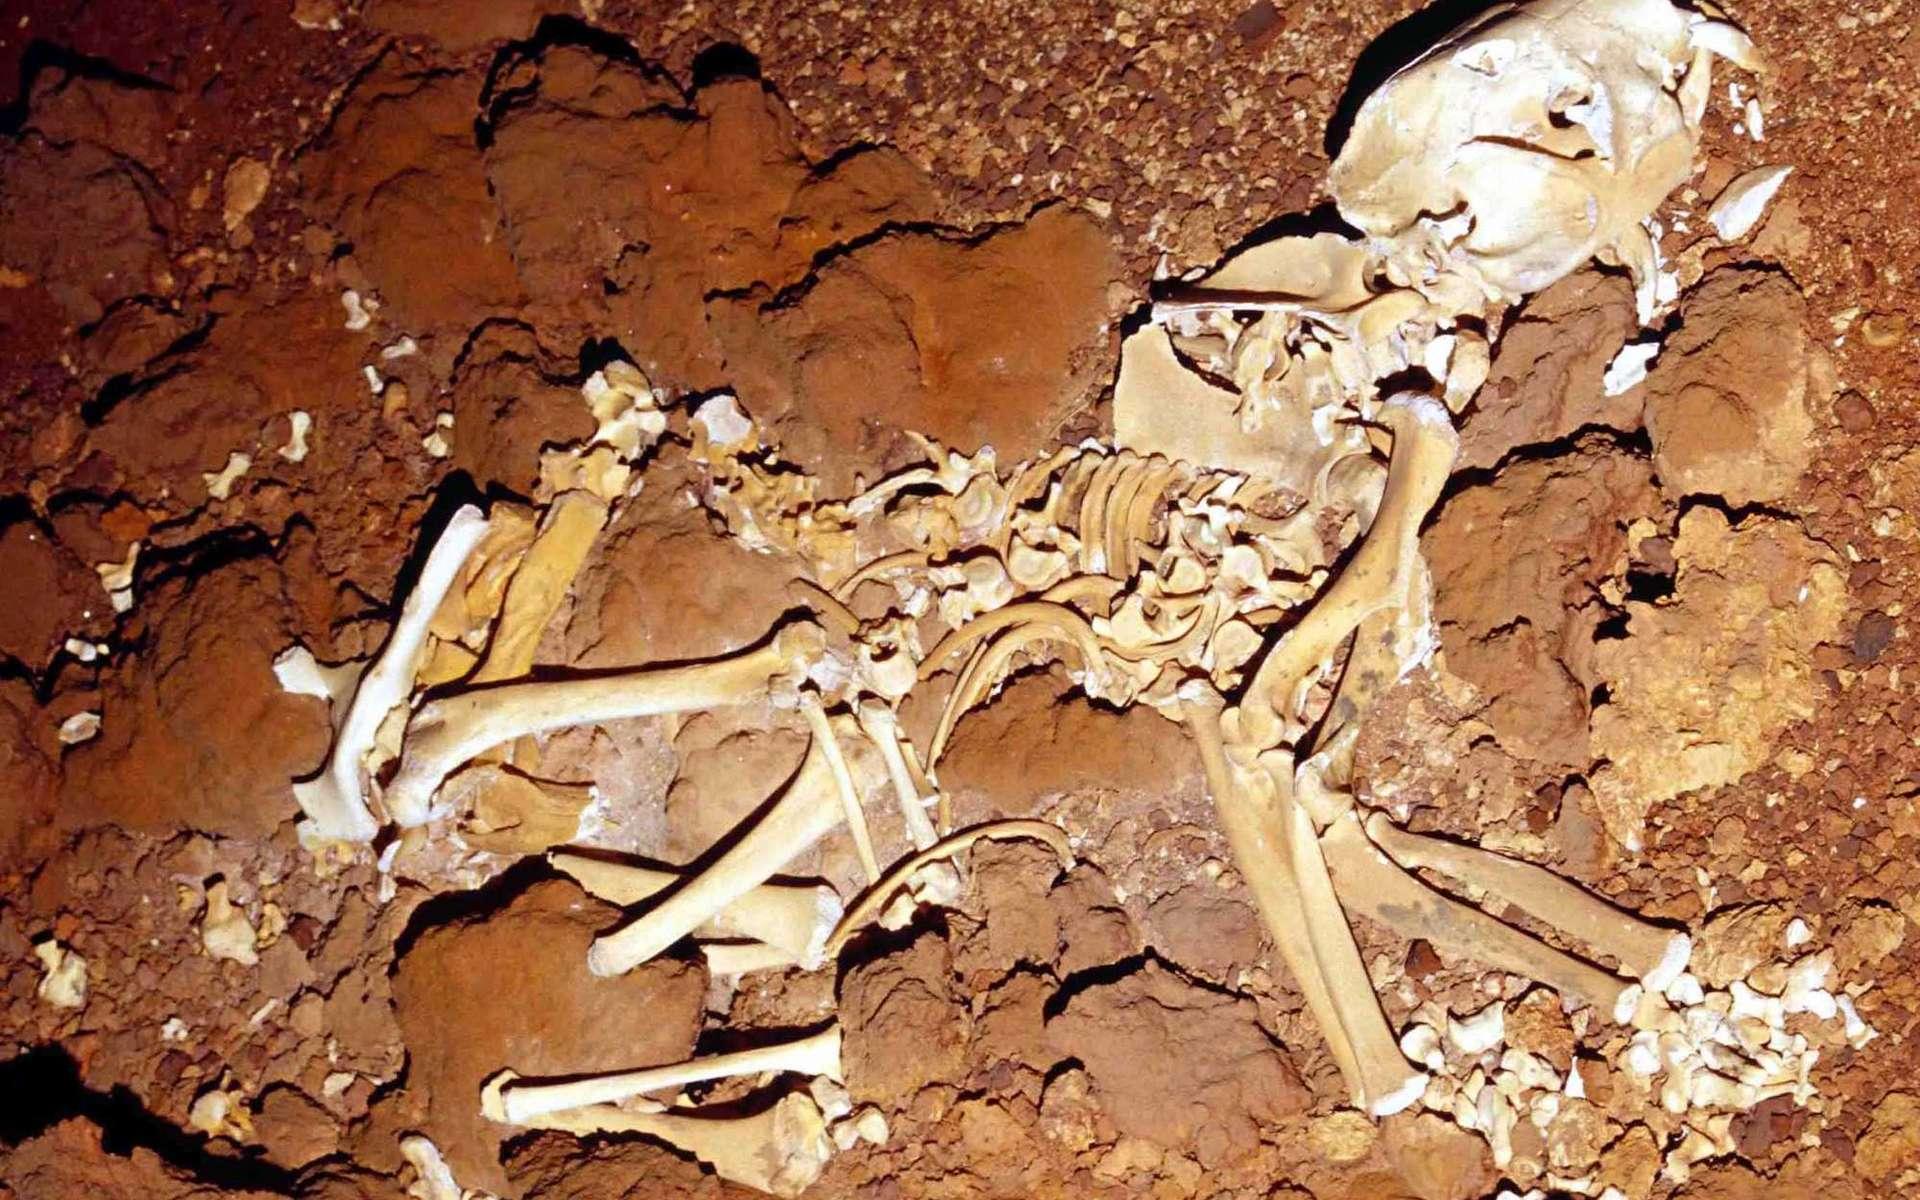 Le fossile presque complet d'un spécimen de lion marsupial de Nullarbor retrouvé en 2007. © Roderick T. Wells et Aaron B. Camens, PlosOne, 2018